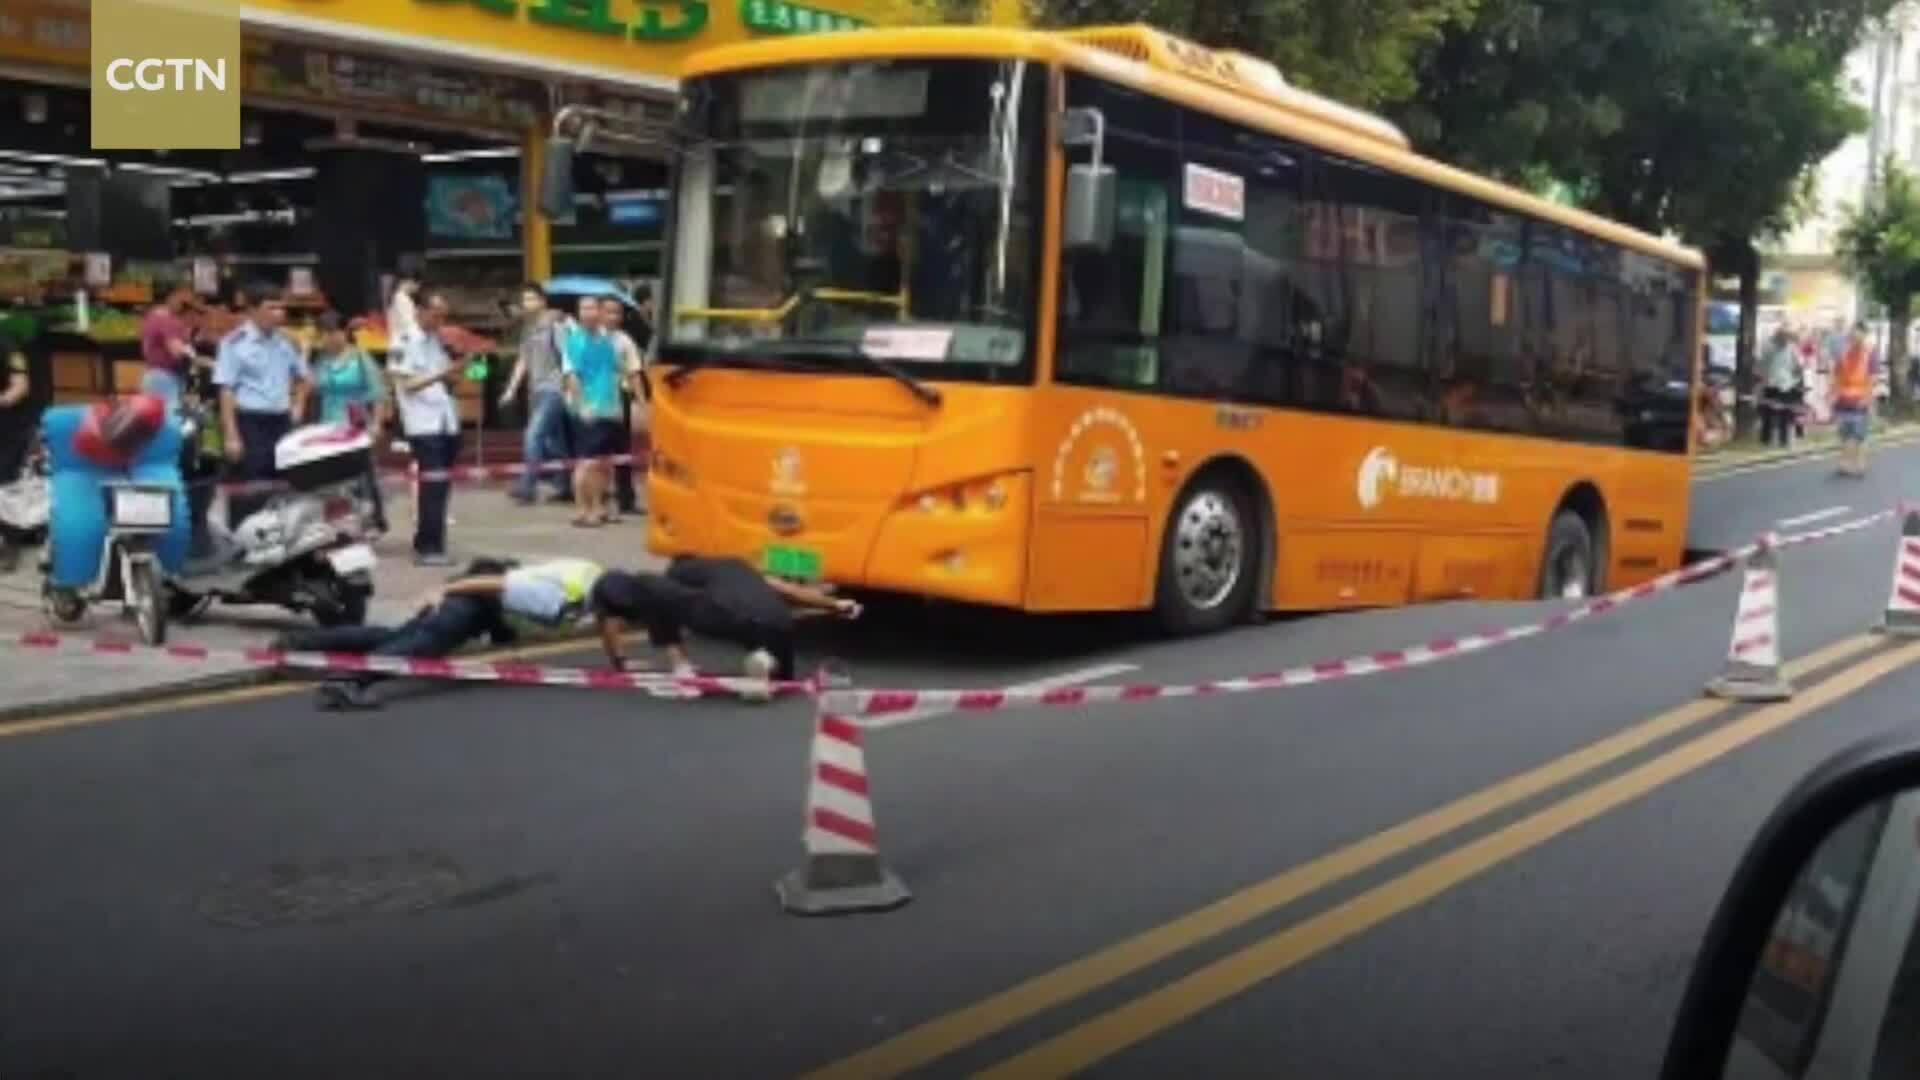 Hố sụt rộng 5 m suýt 'nuốt chửng' xe buýt ở Trung Quốc